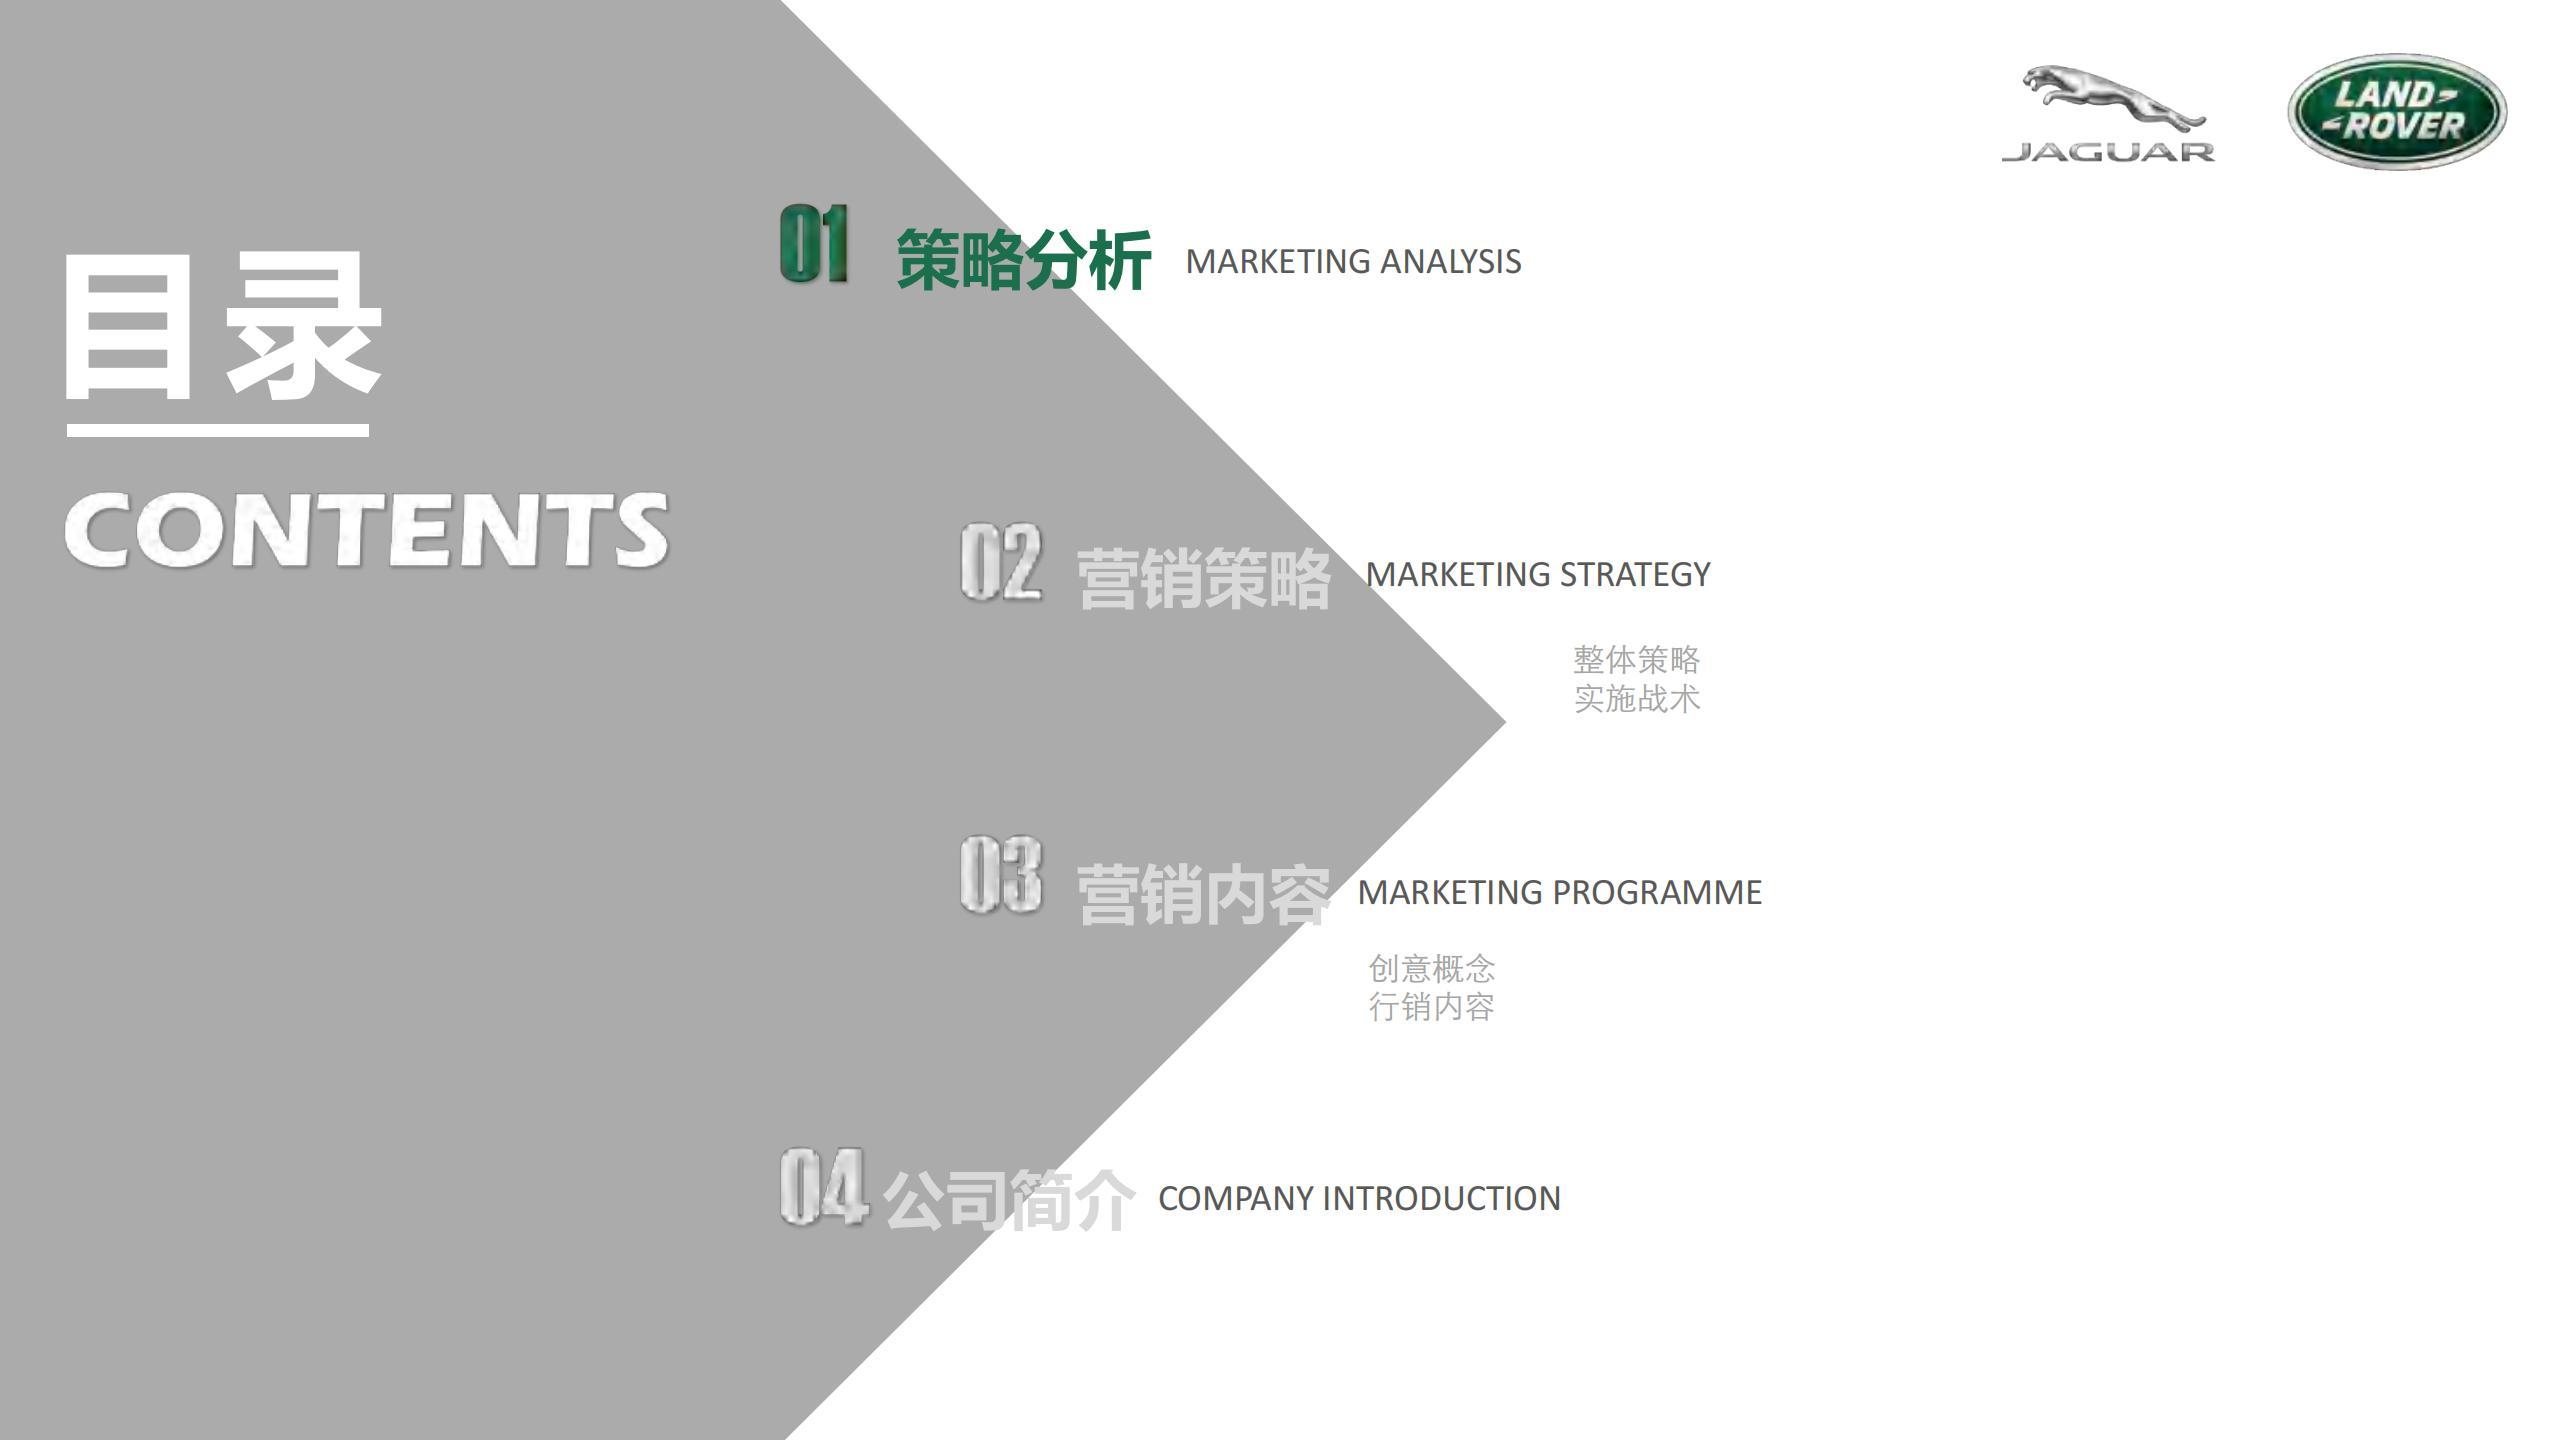 """019捷豹路虎品牌营销策略,如何有效激活新中产阶级消费者"""""""